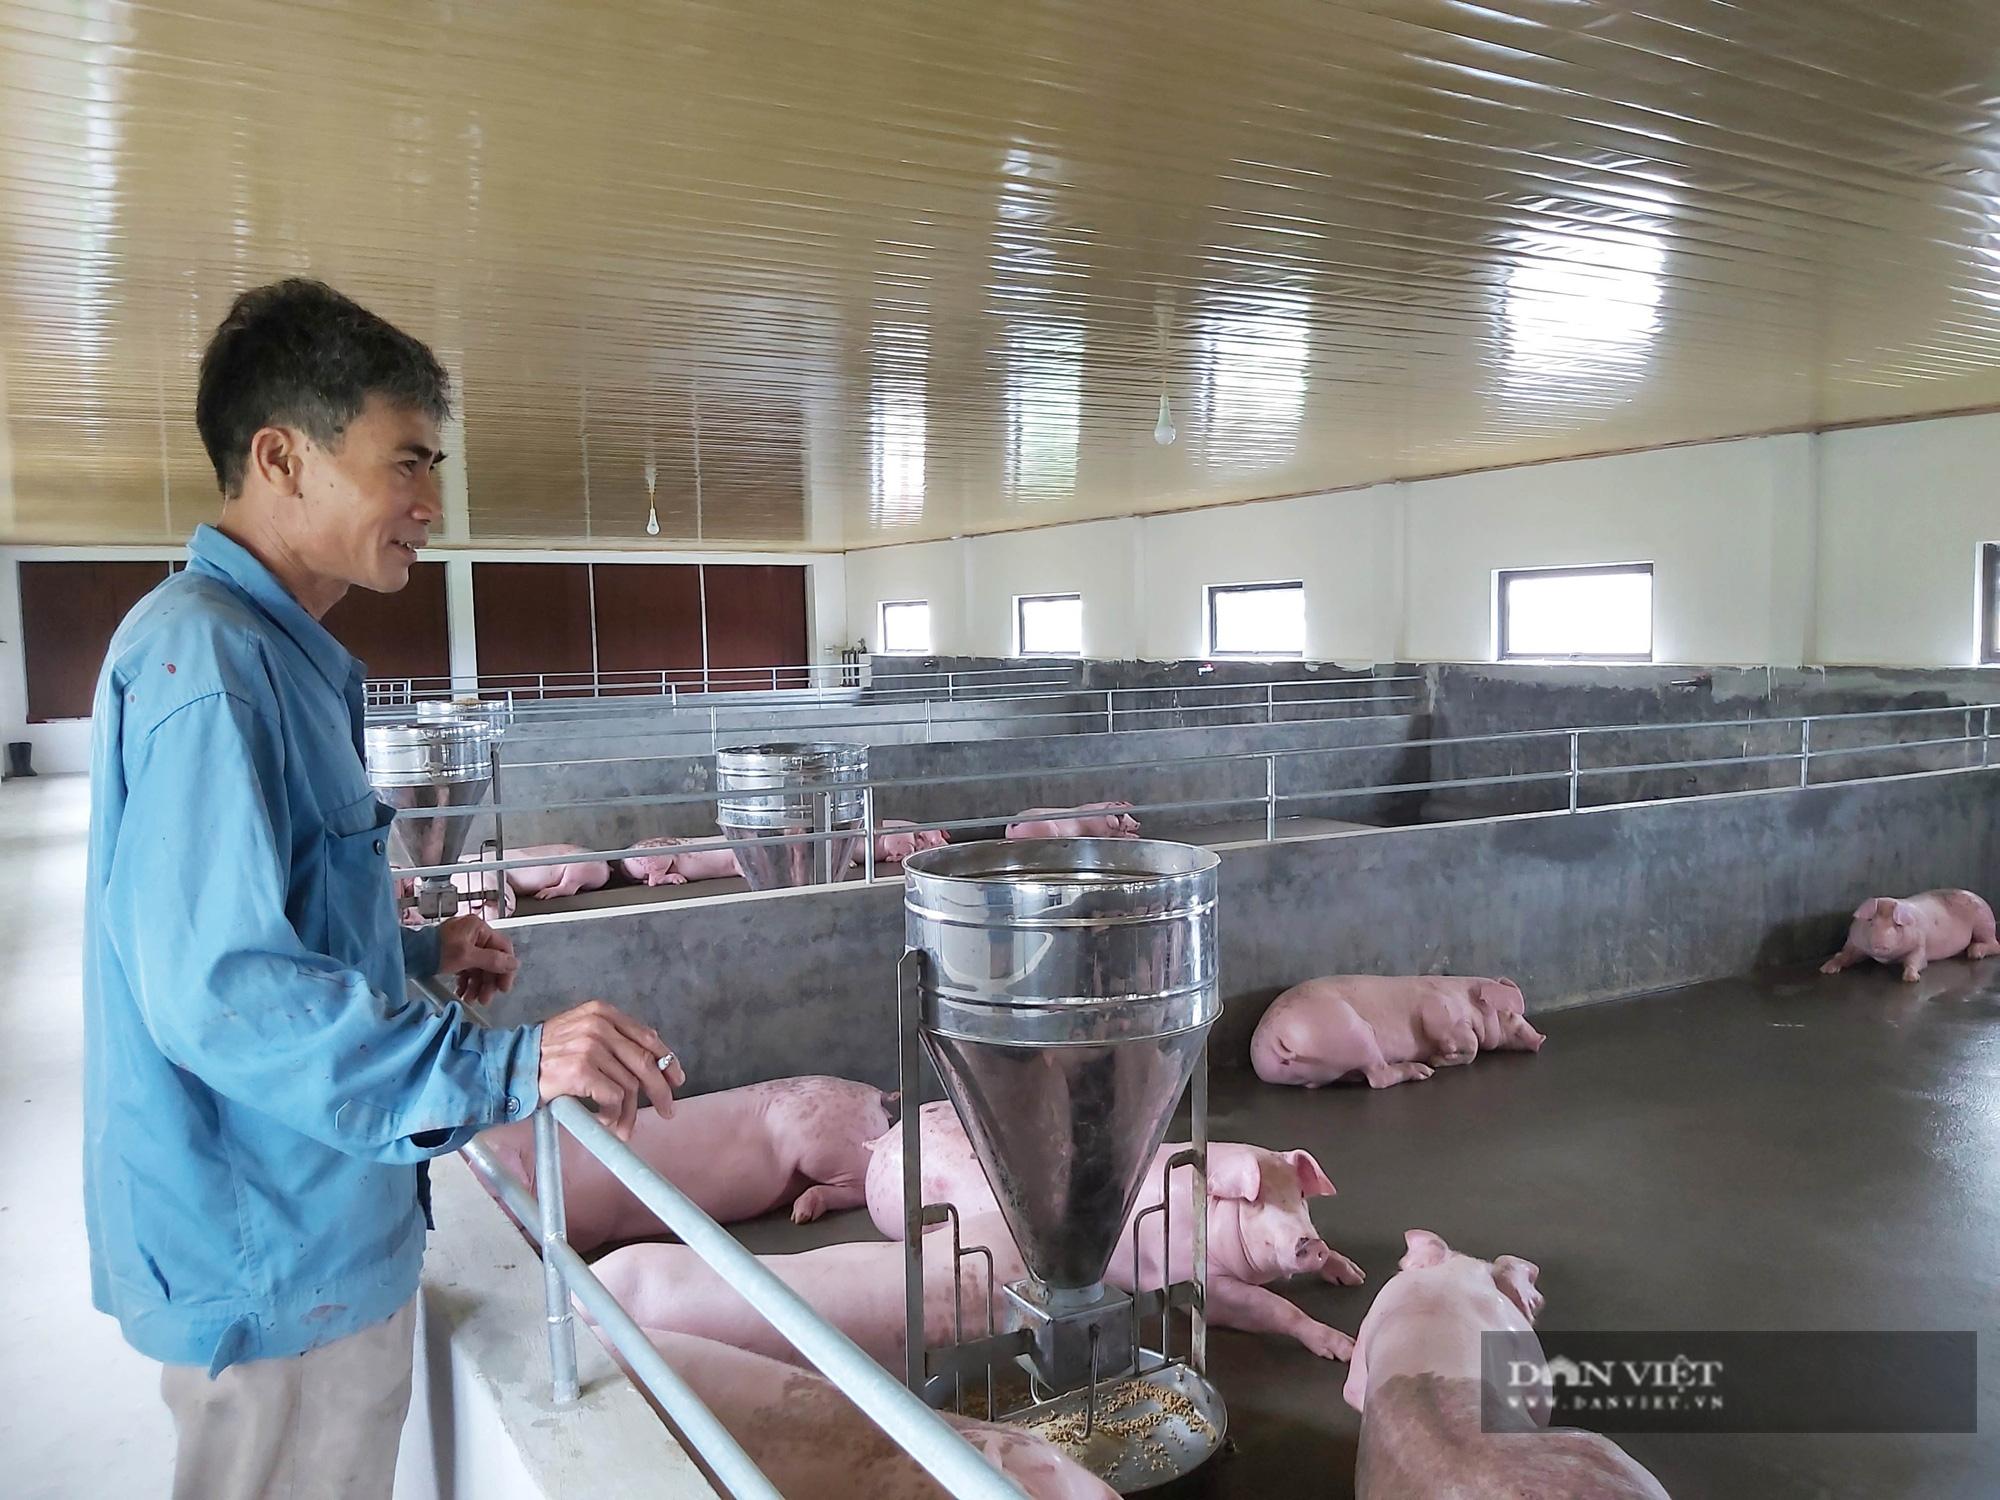 Thái Bình: Từ 3 con lợn nái, trang trại này thu cả trăm triệu đồng - Ảnh 3.